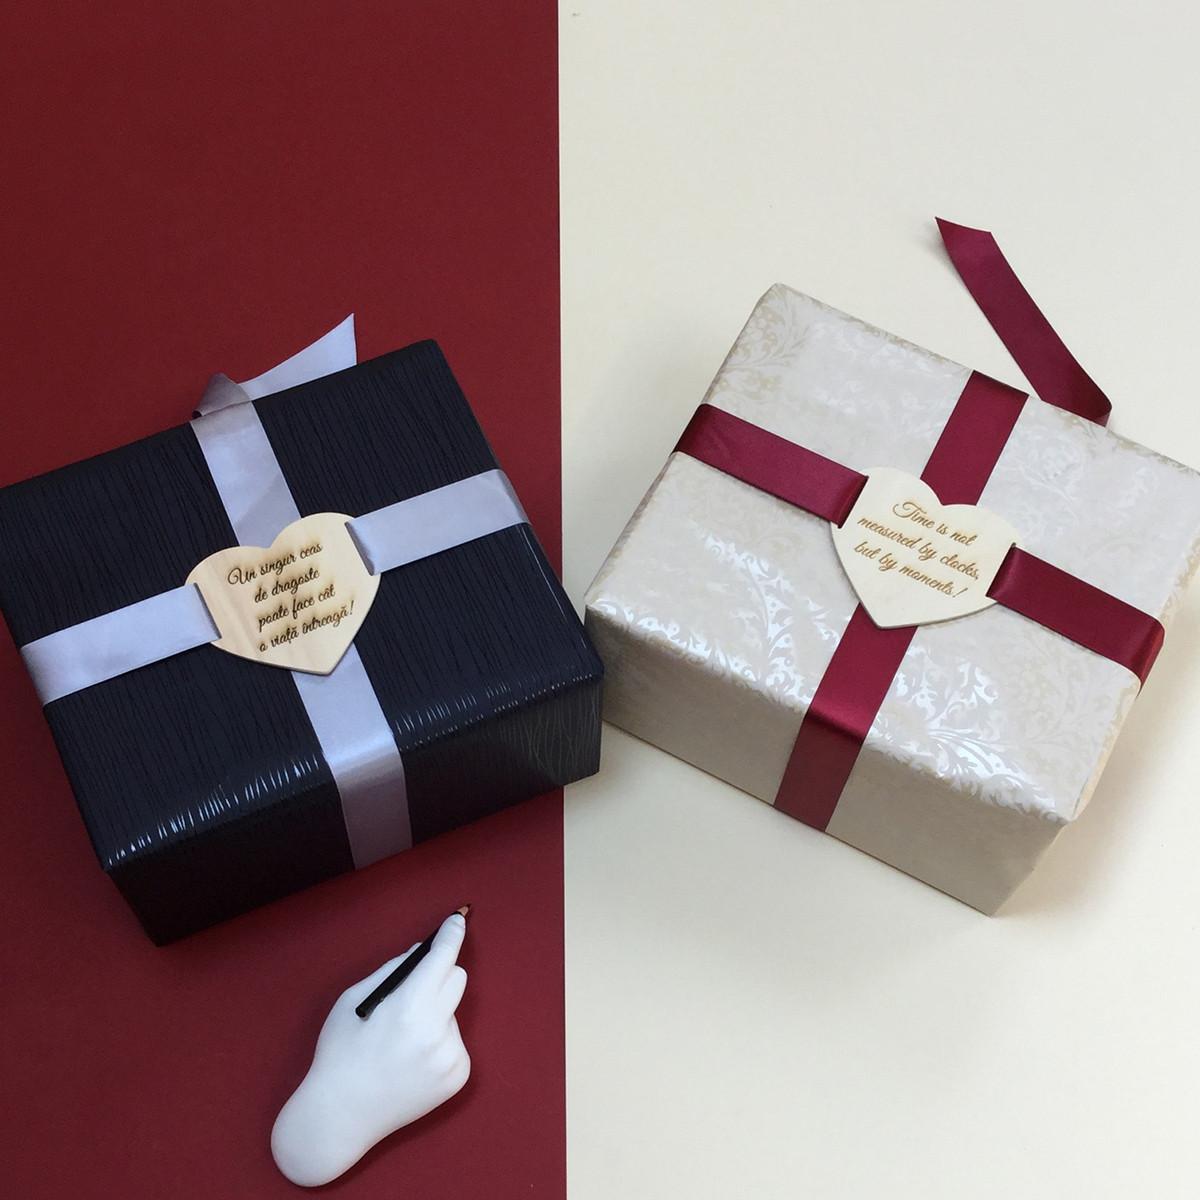 cadouri personalizate nasi cununie